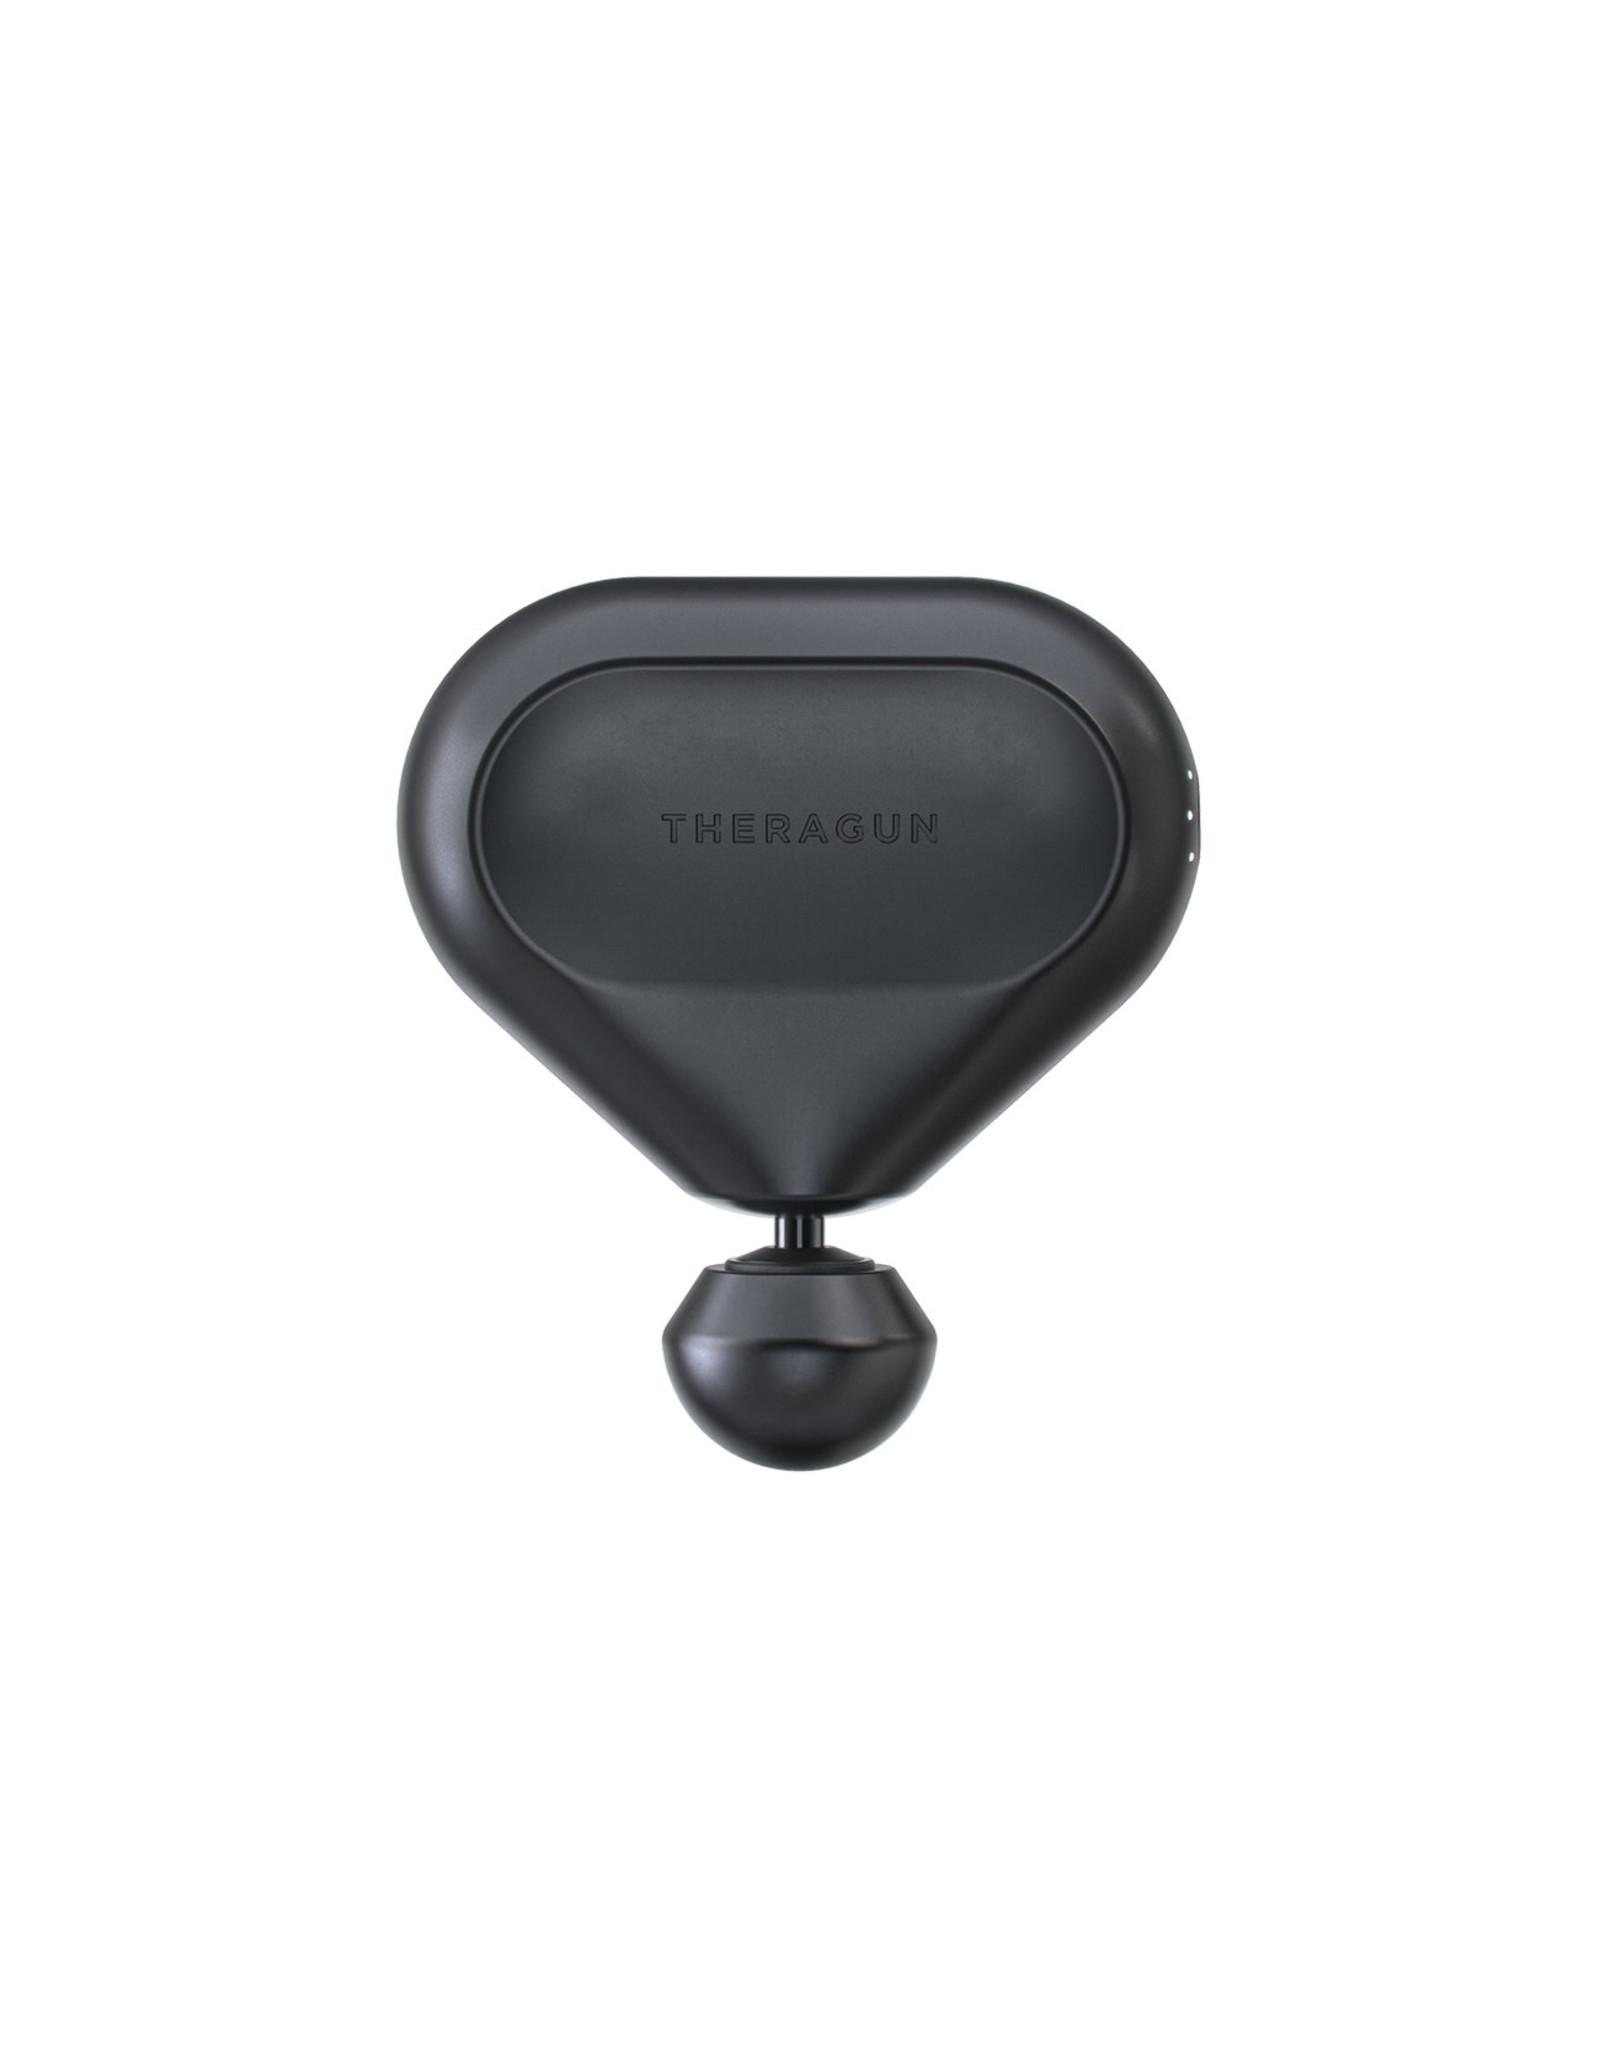 Theragun THERAGUN Mini Black